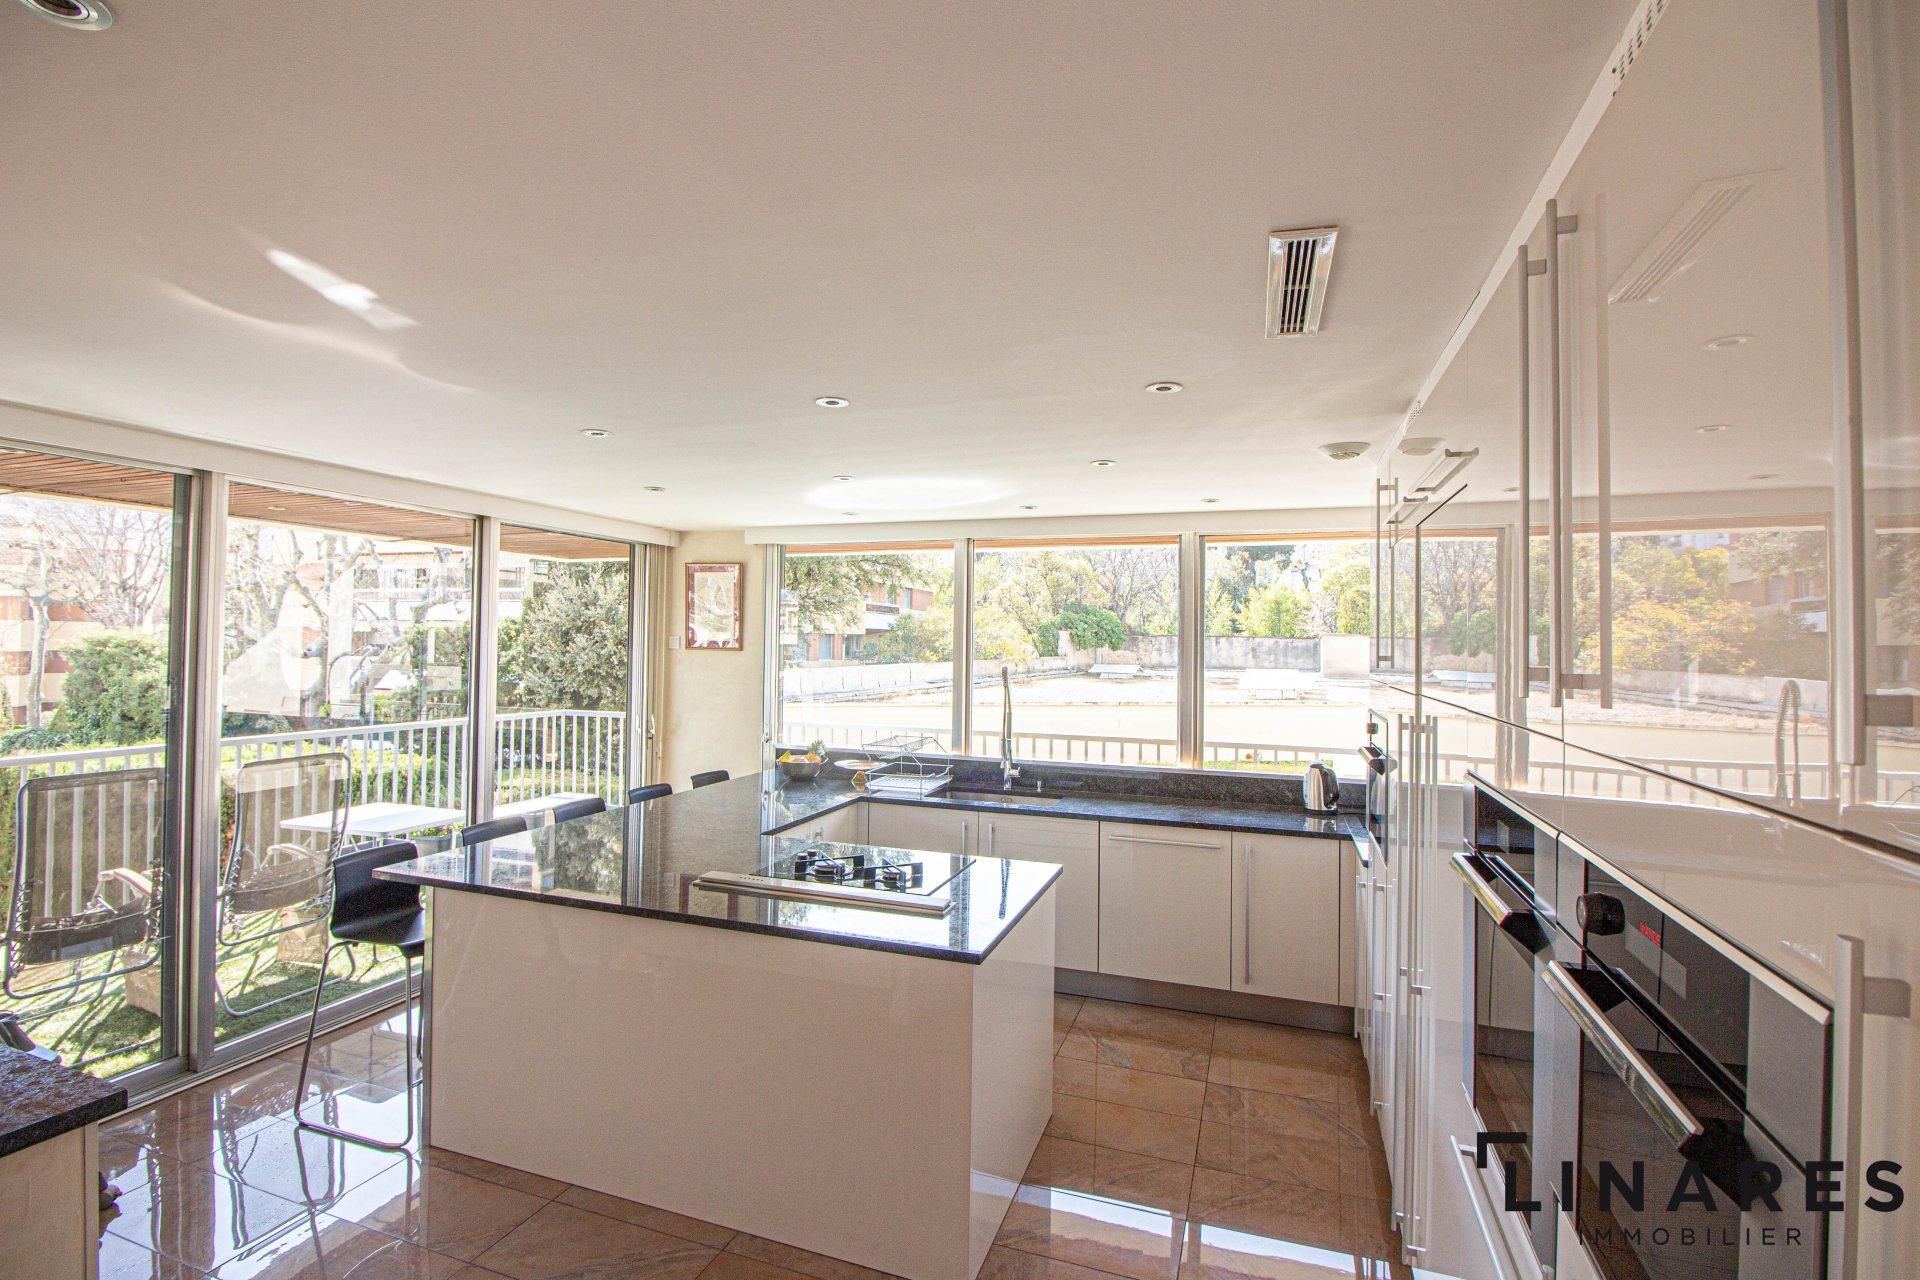 THE SPACE - Appartement de type 6 de 161 m2 Marseille 13008